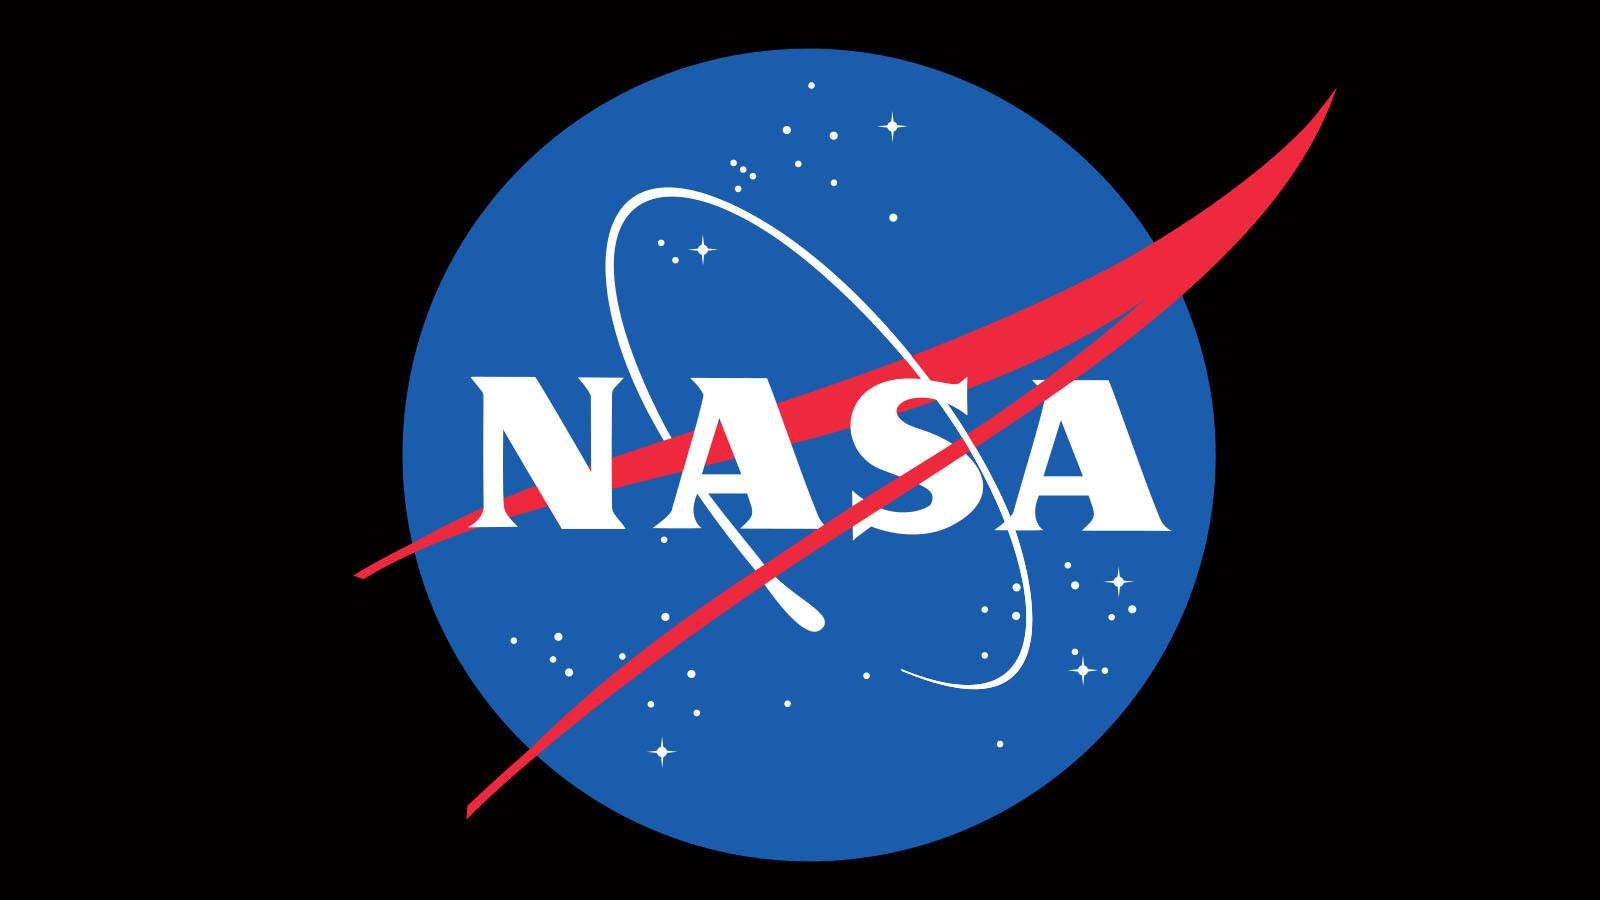 NASA огласит сведения обокеанах Солнечной системы наконференции 13апреля